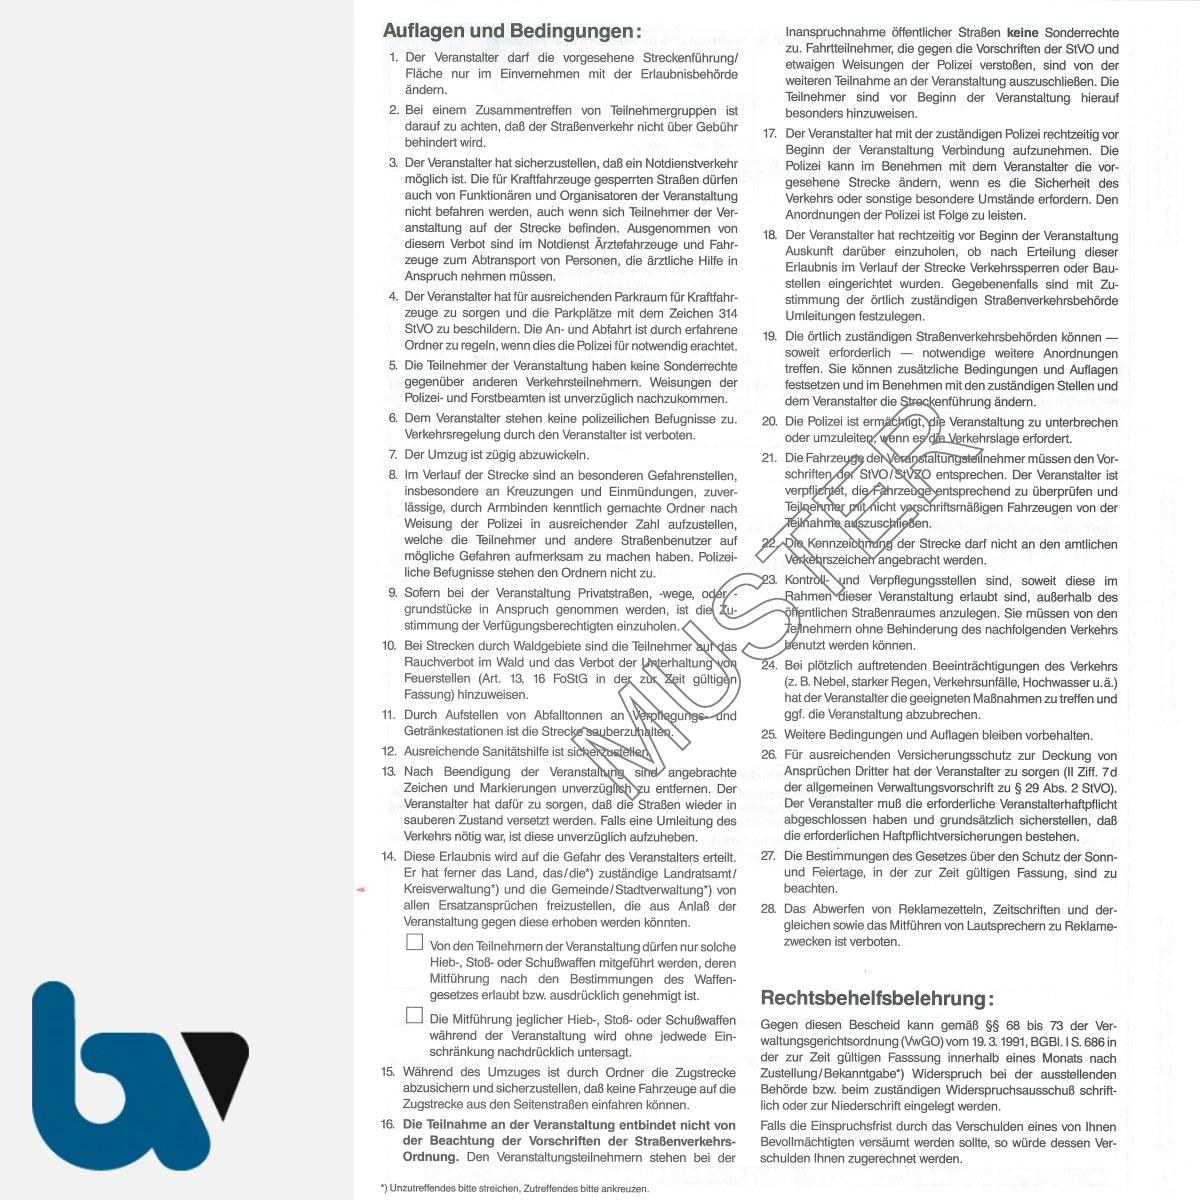 0/498-2 Erlaubnis Nutzung Umzug Umzüge Überschreitung öffentlich Verkehrsfläche 29 44 Straßenverkehrsordnung StVO selbstdurchschreibend DIN A4 4-fach RS | Borgard Verlag GmbH